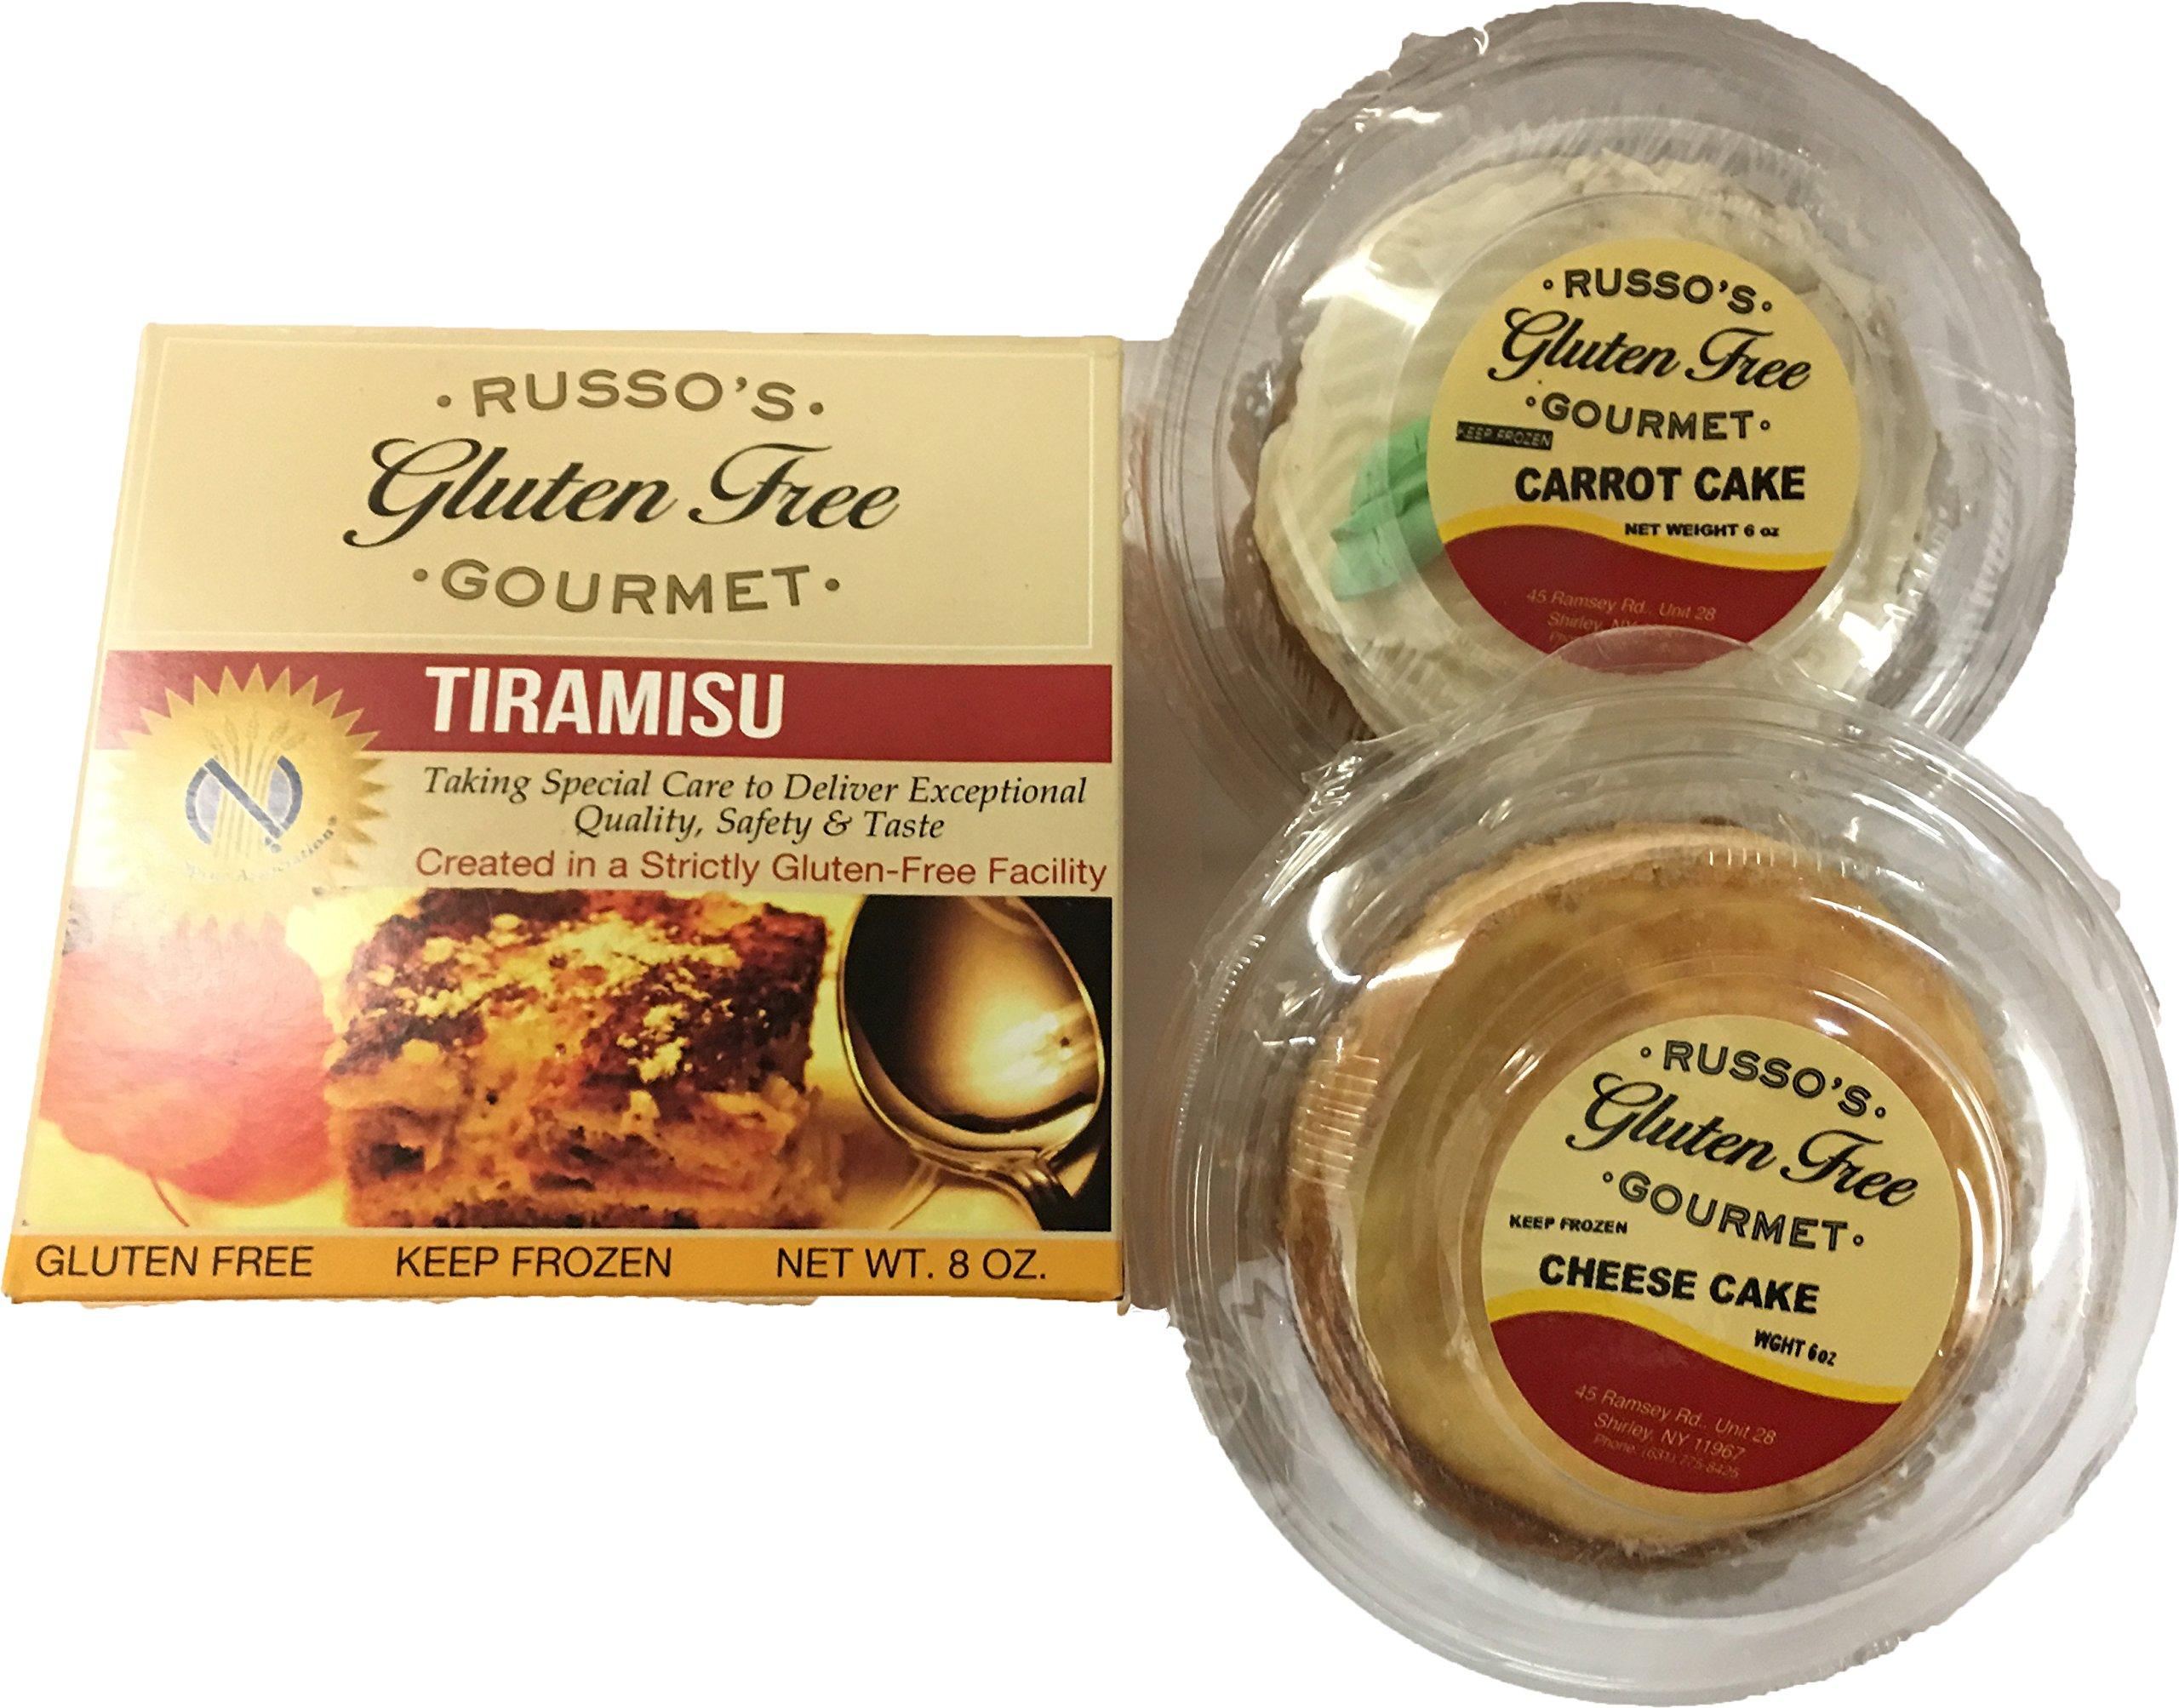 Russo's Gluten Free Dessert Variety (1-Carrot Cake, 1- Cheese Cake, 1- Tiramisu) Frozen!!